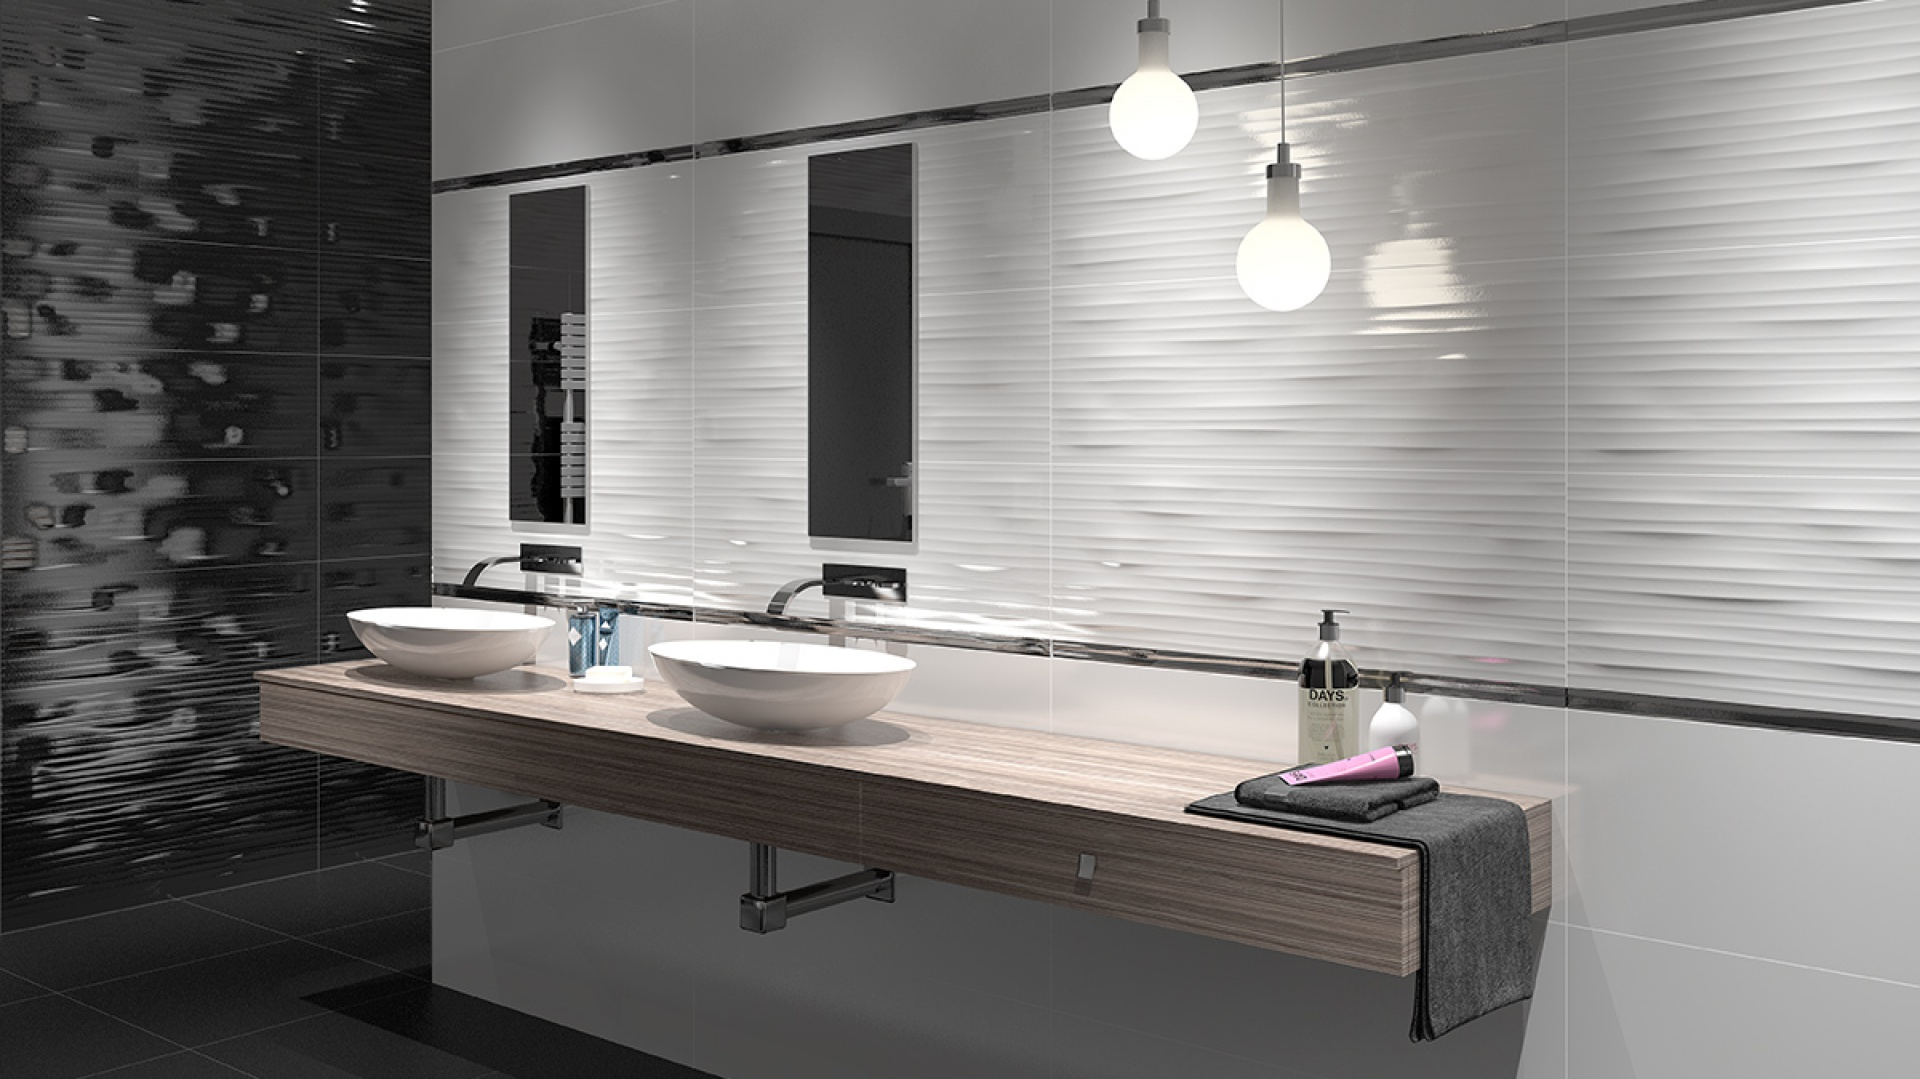 Białe Płytki Do łazienki Zobacz Jakie Są Piękne